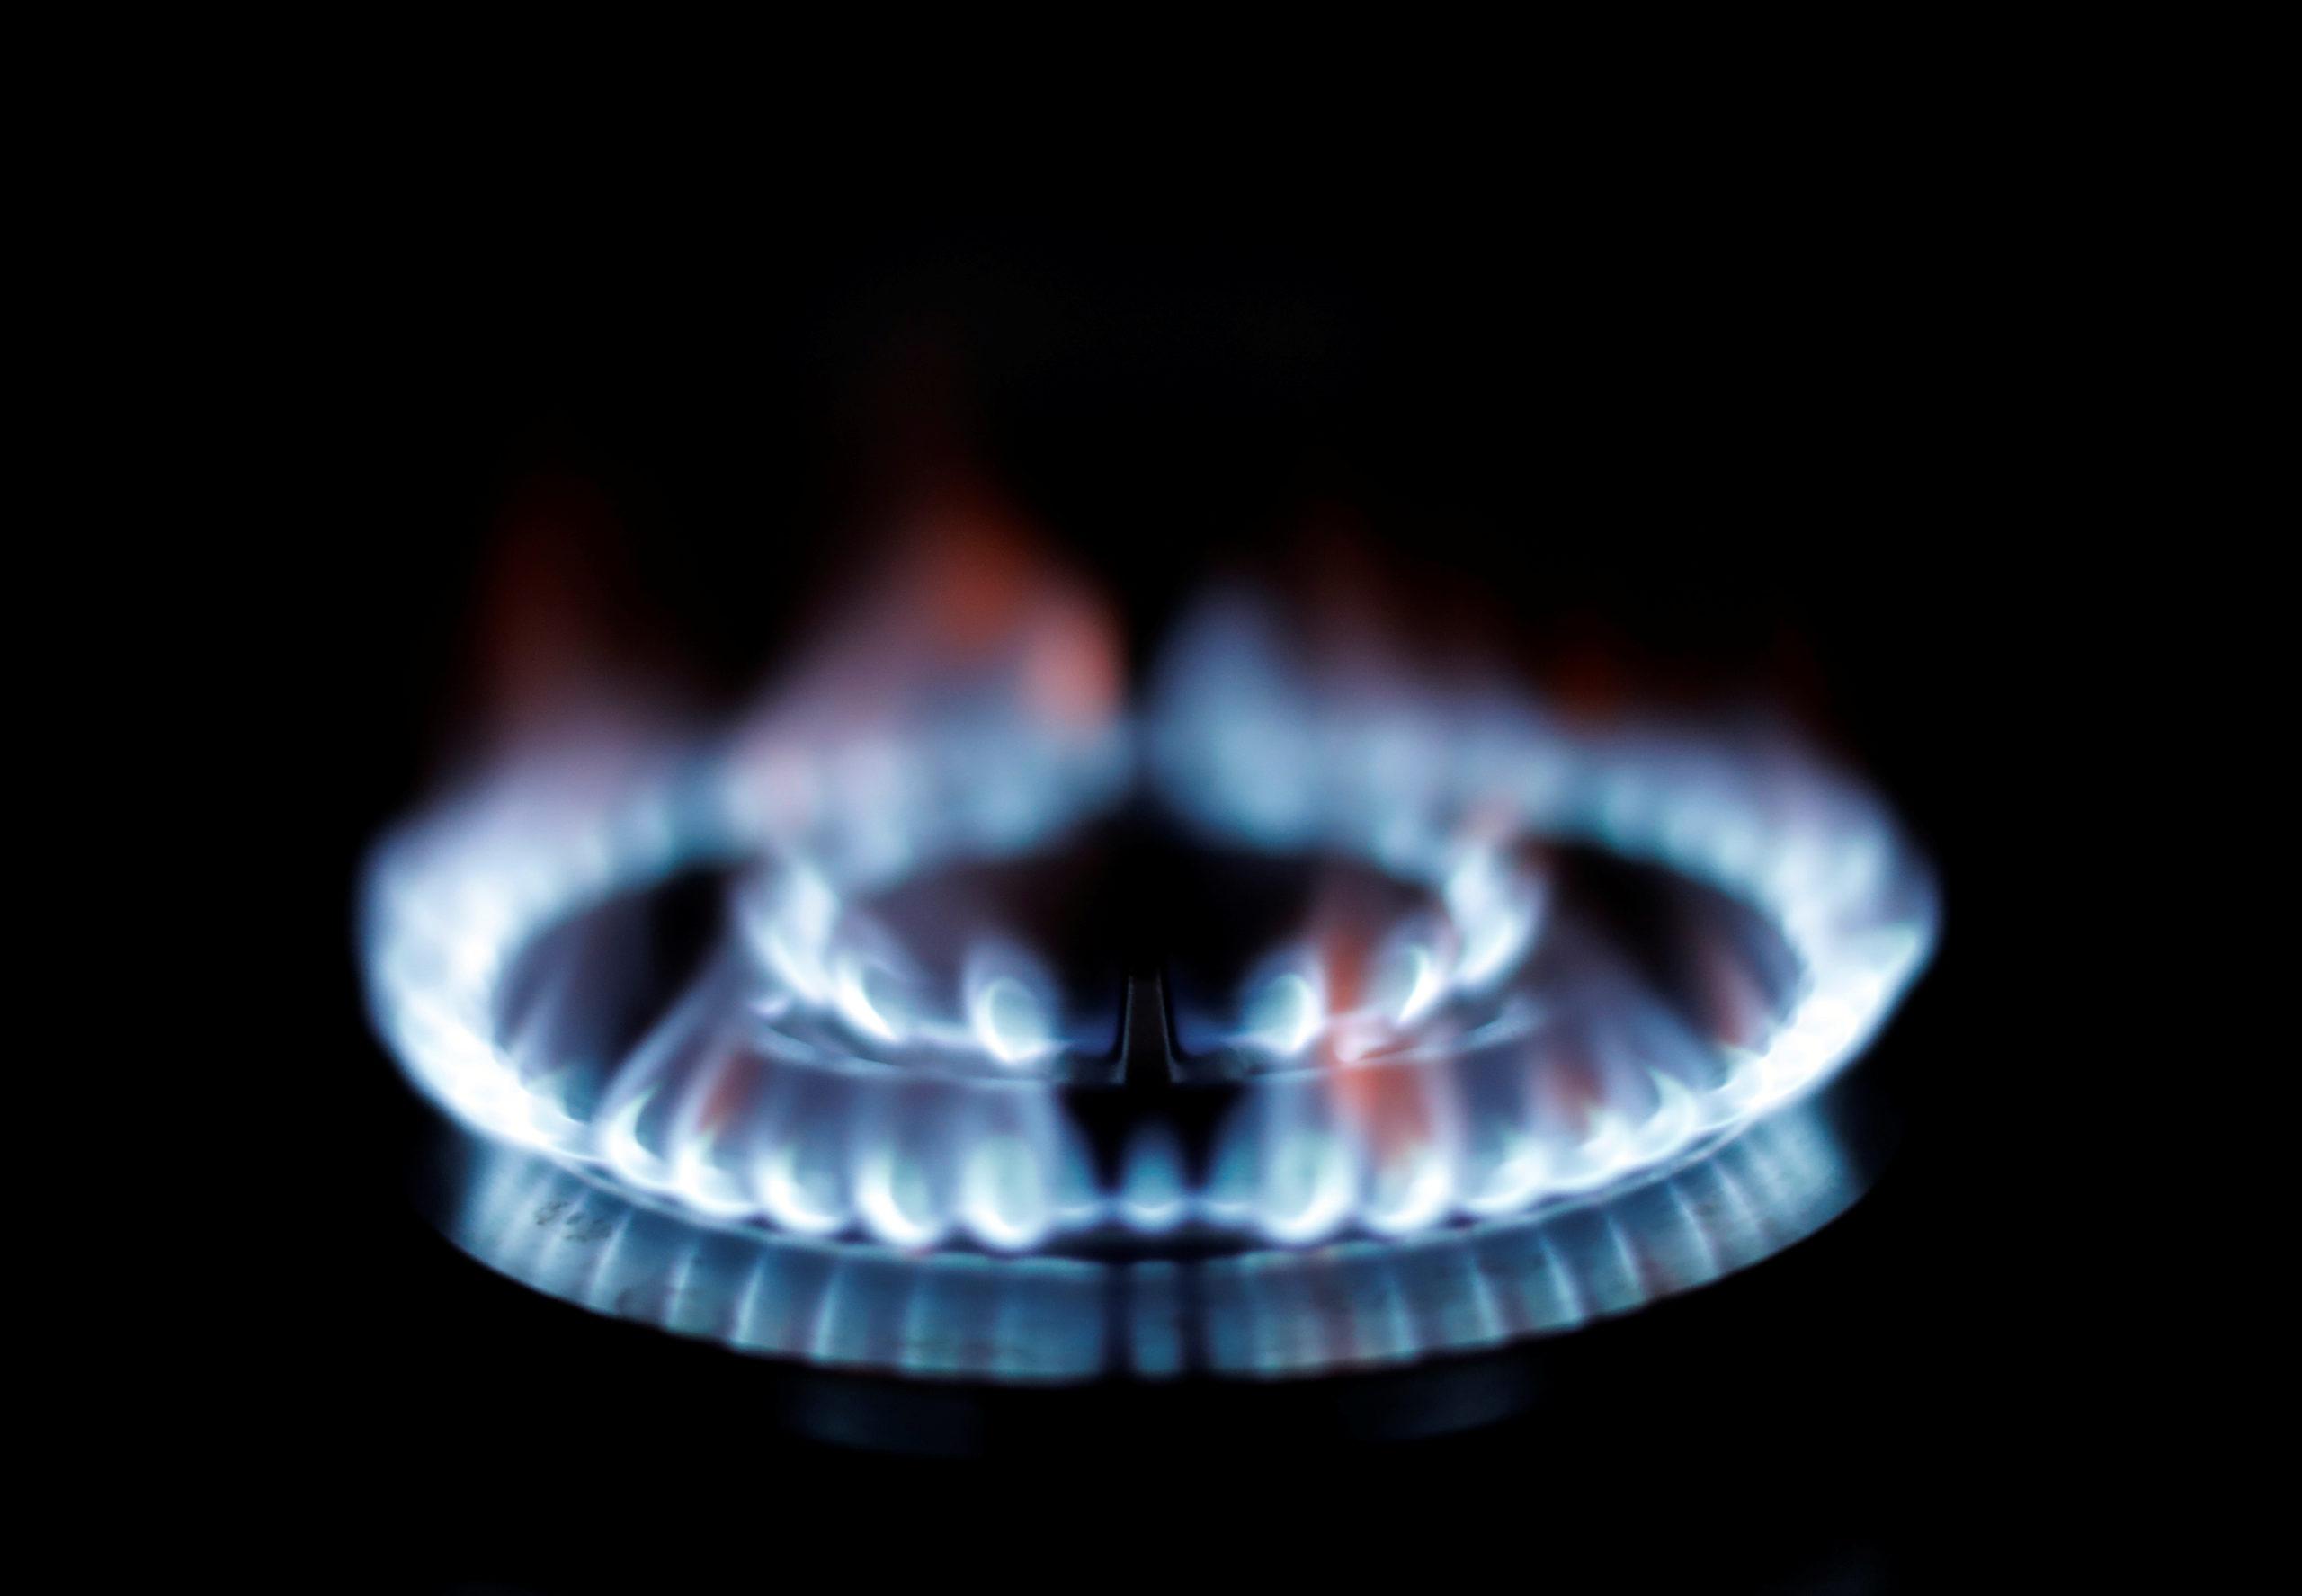 Les tarifs réglementés d'Engie augmenteront de 5,7% au 1er mars